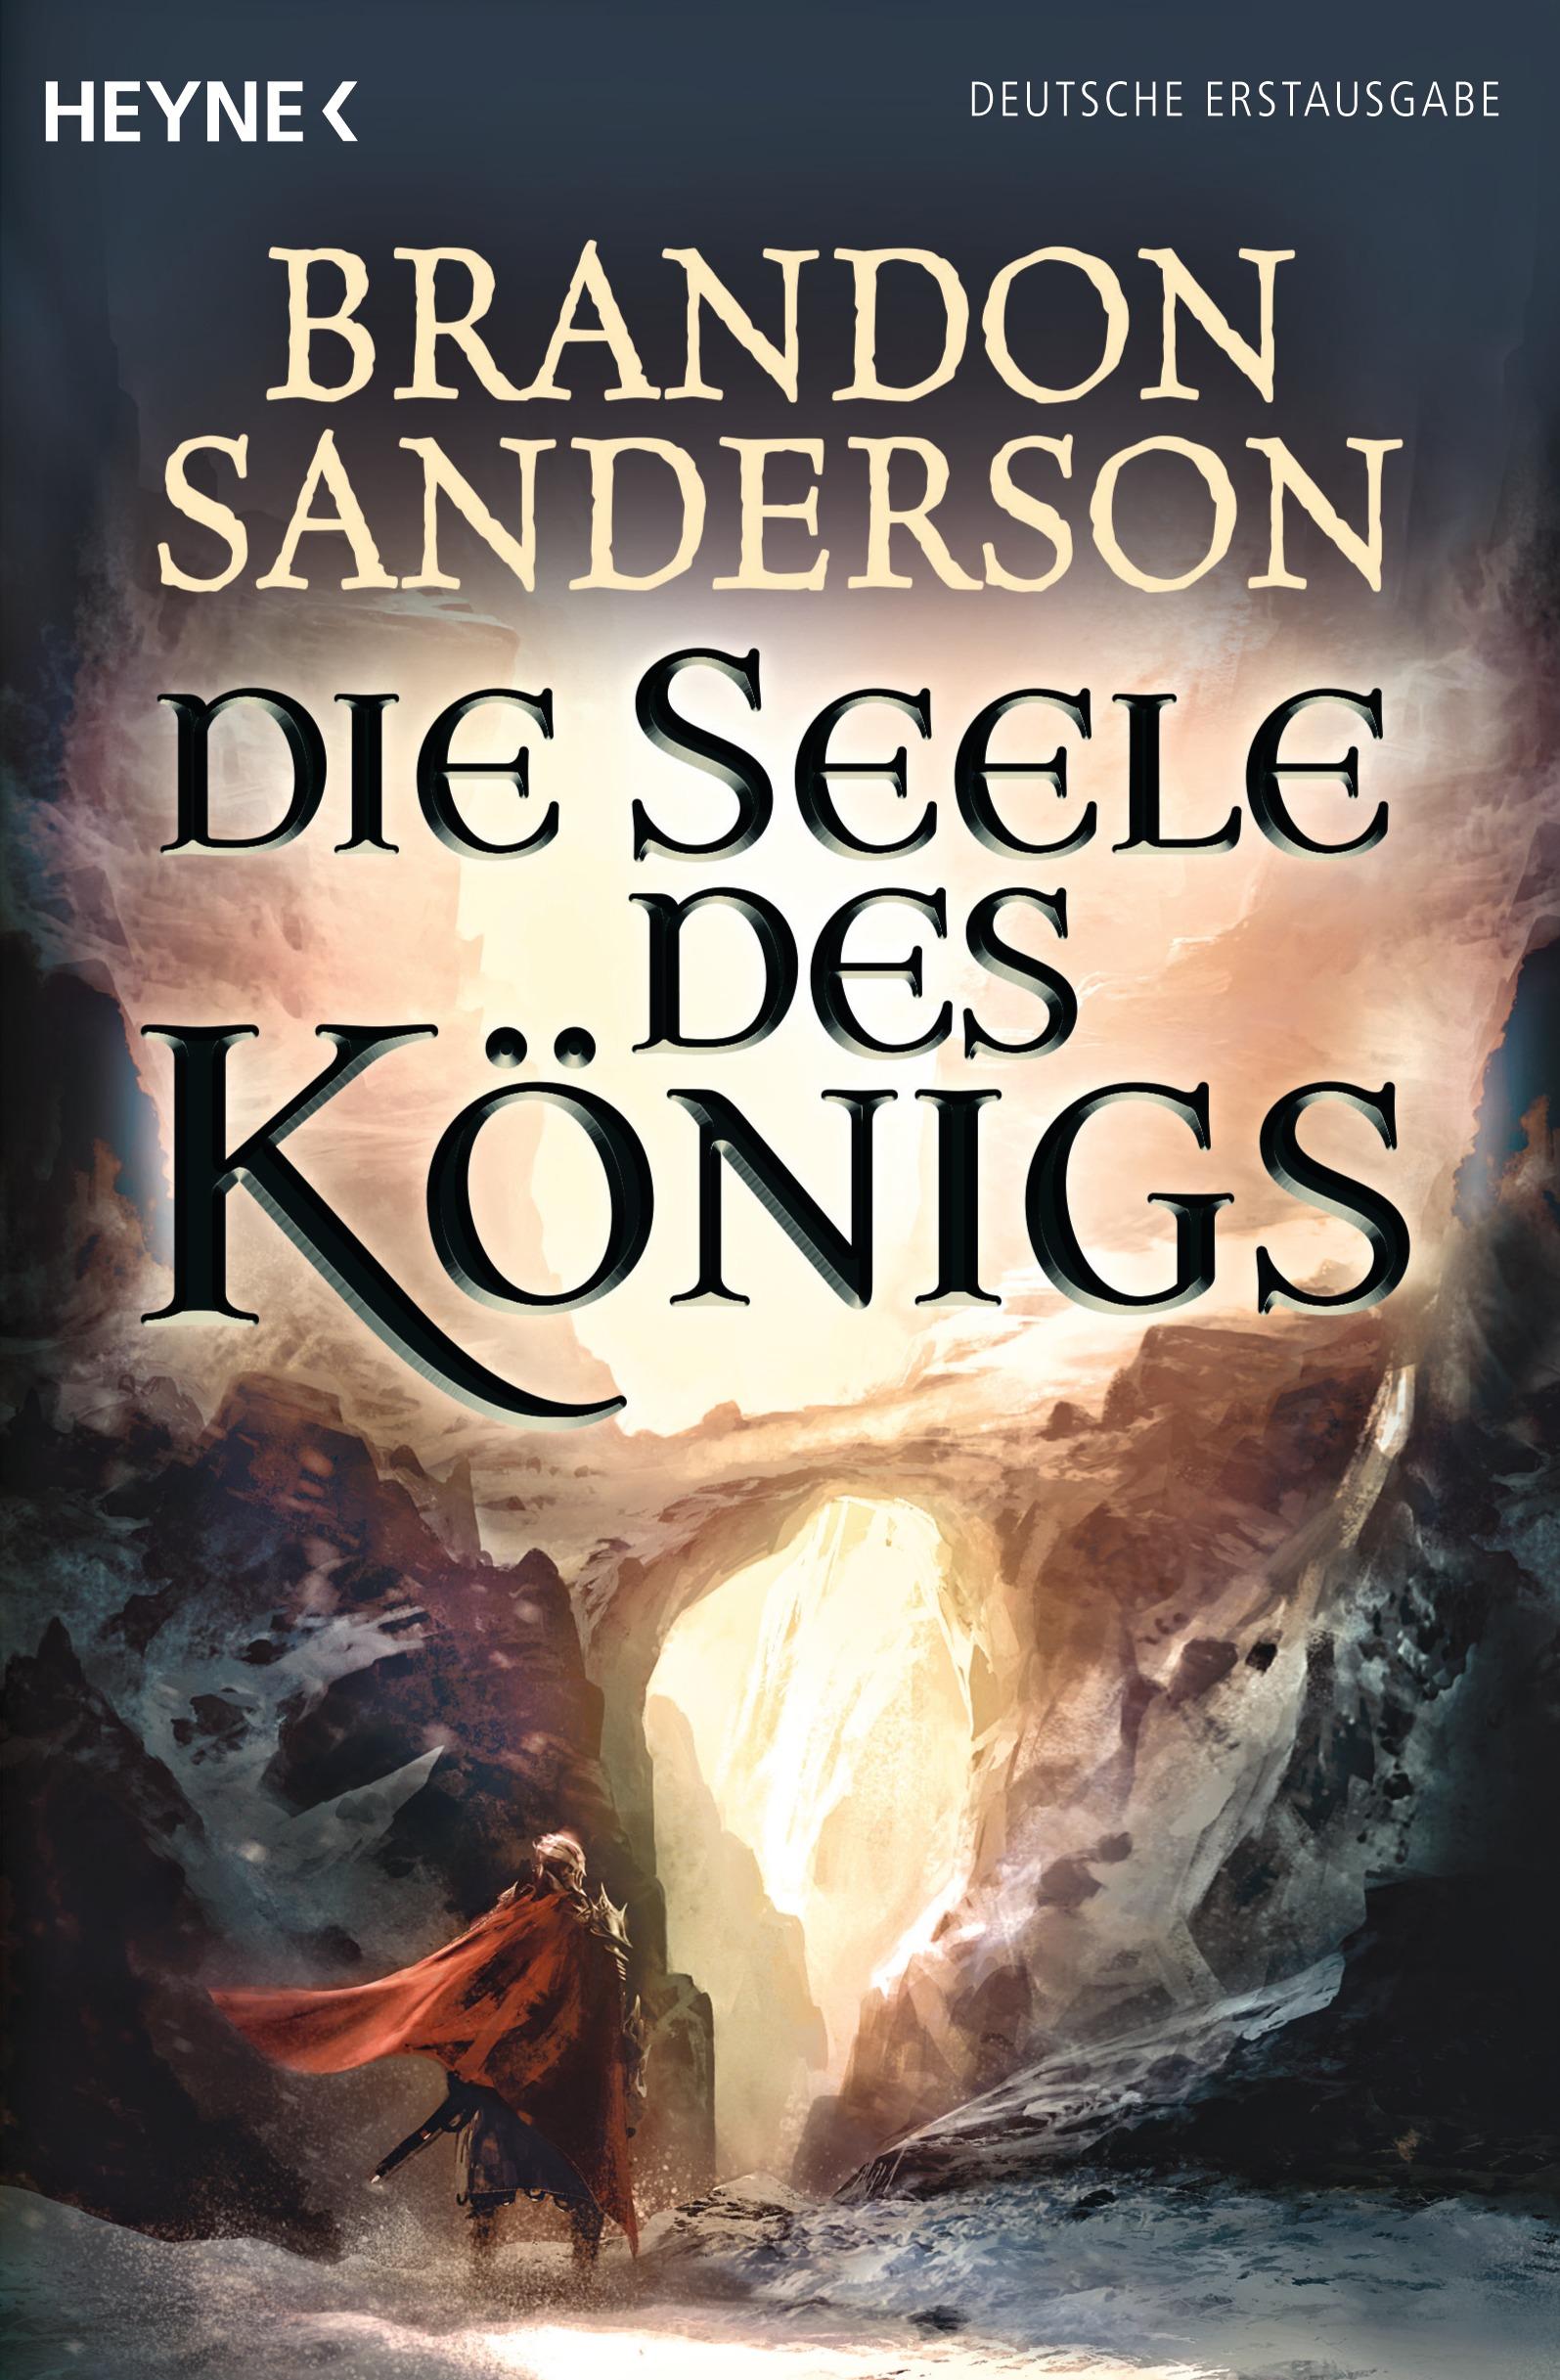 https://service.randomhouse.de/content/edition/covervoila_hires/Sanderson_BDie_Seele_des_Koenigs_146209.jpg